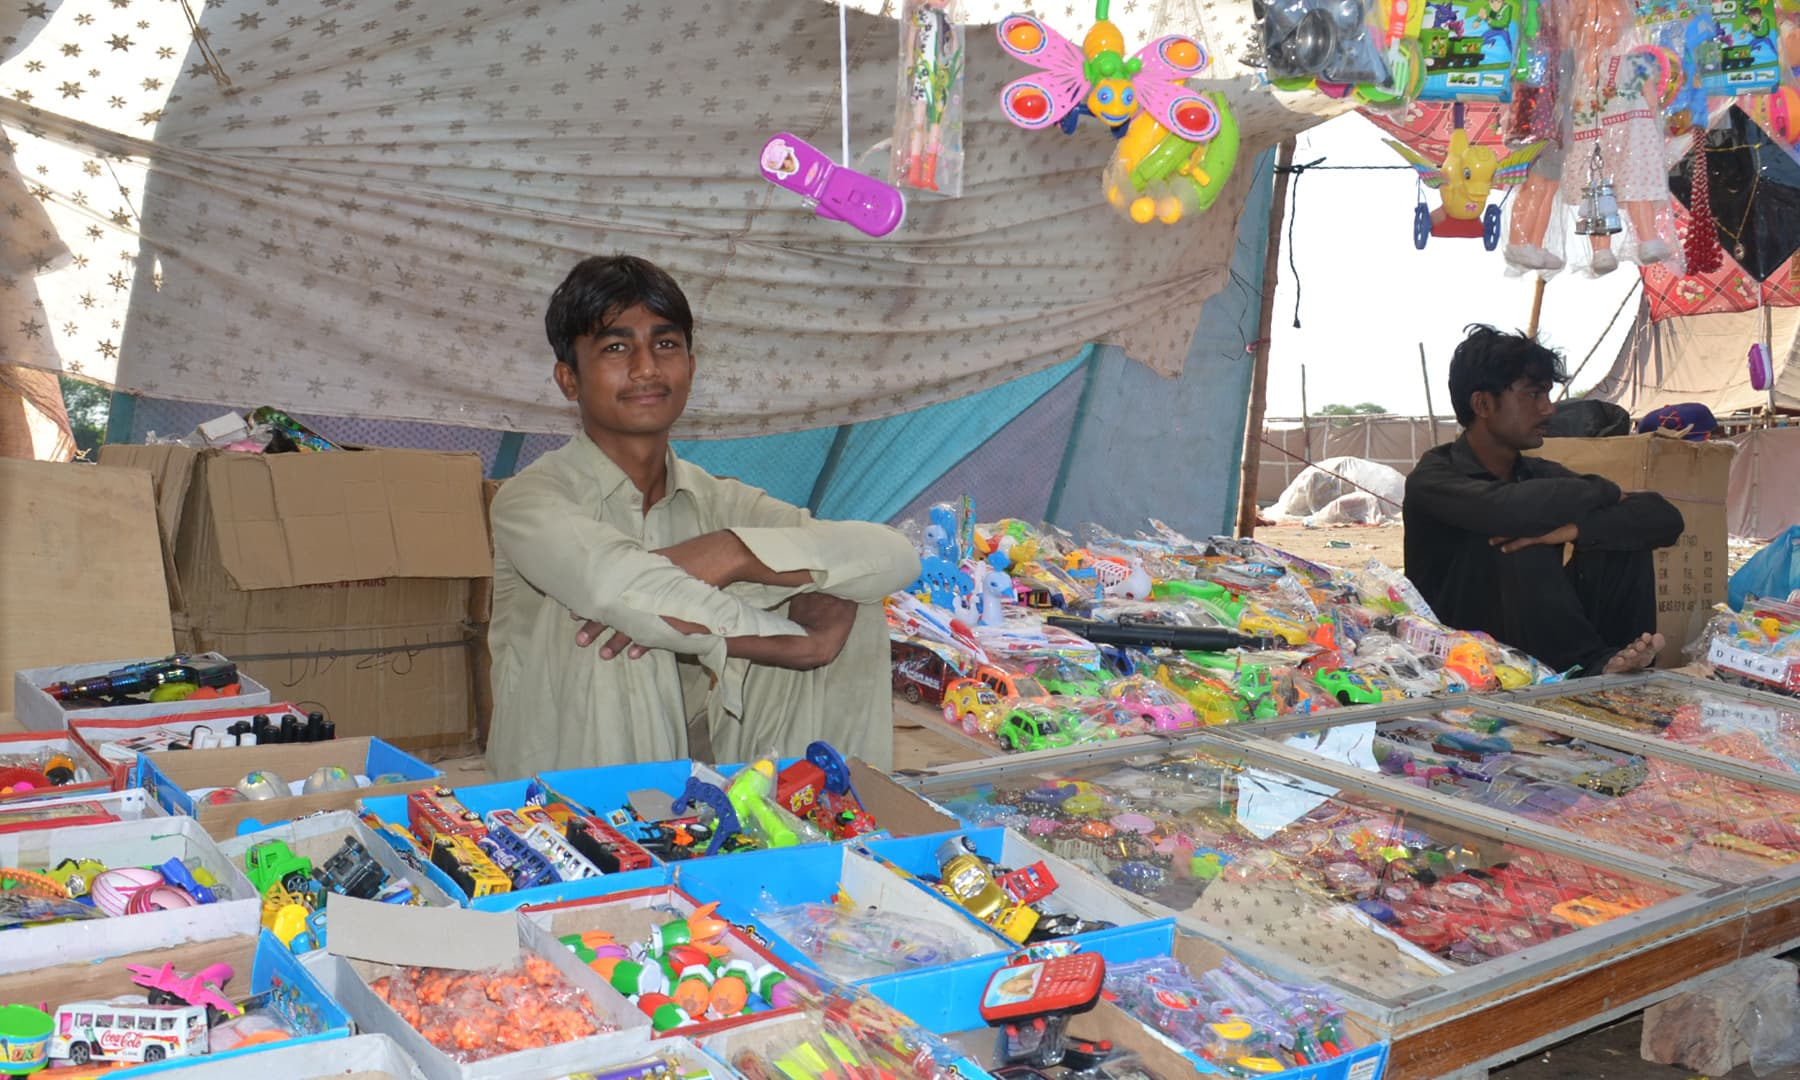 میلے میں کھلونوں کی دکان—تصویر ابوبکر شیخ